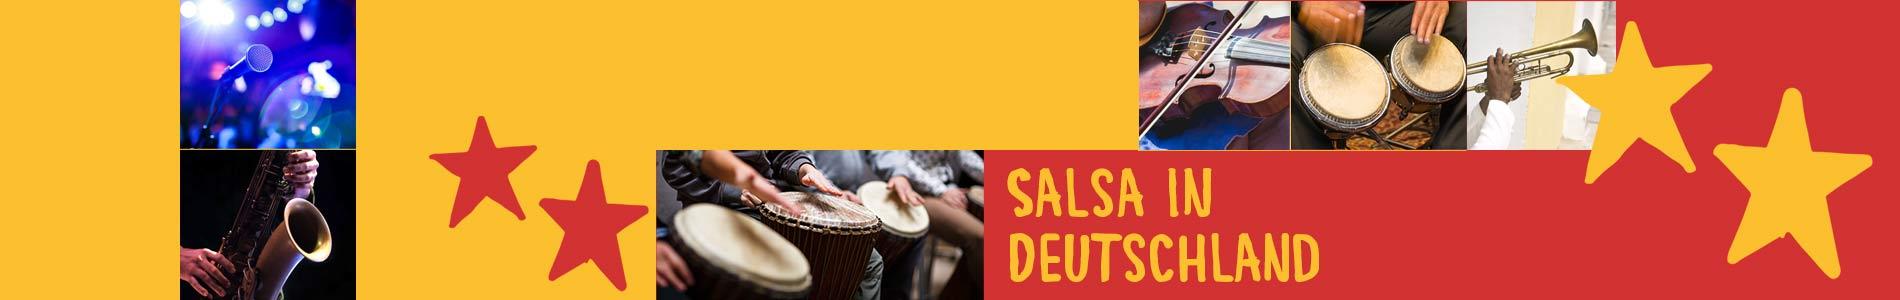 Salsa in Bretzenheim – Salsa lernen und tanzen, Tanzkurse, Partys, Veranstaltungen